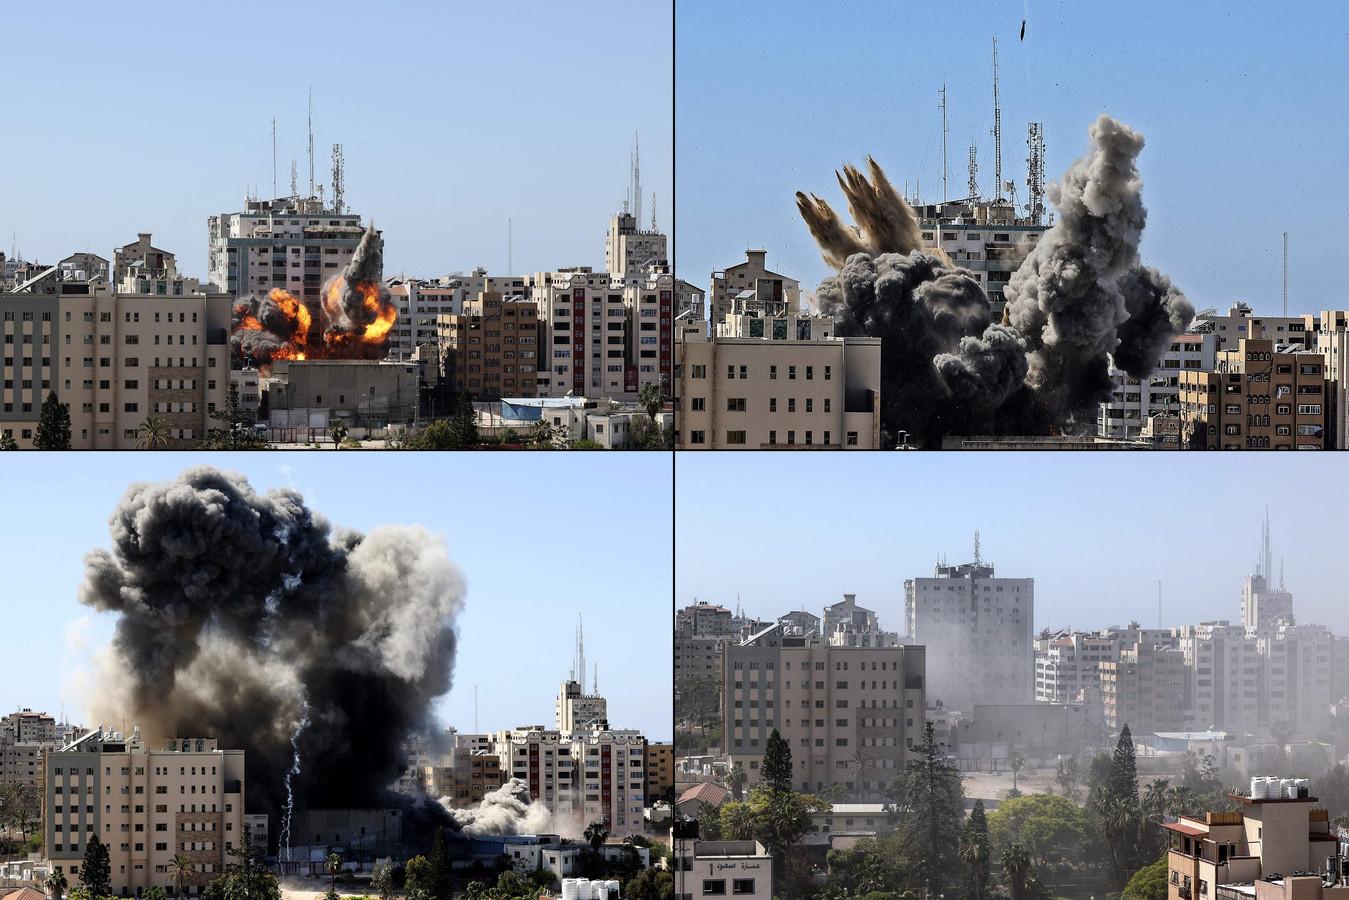 De luchtaanval op het gebouw is gefilmd. Van het gebouw blijft niets over.